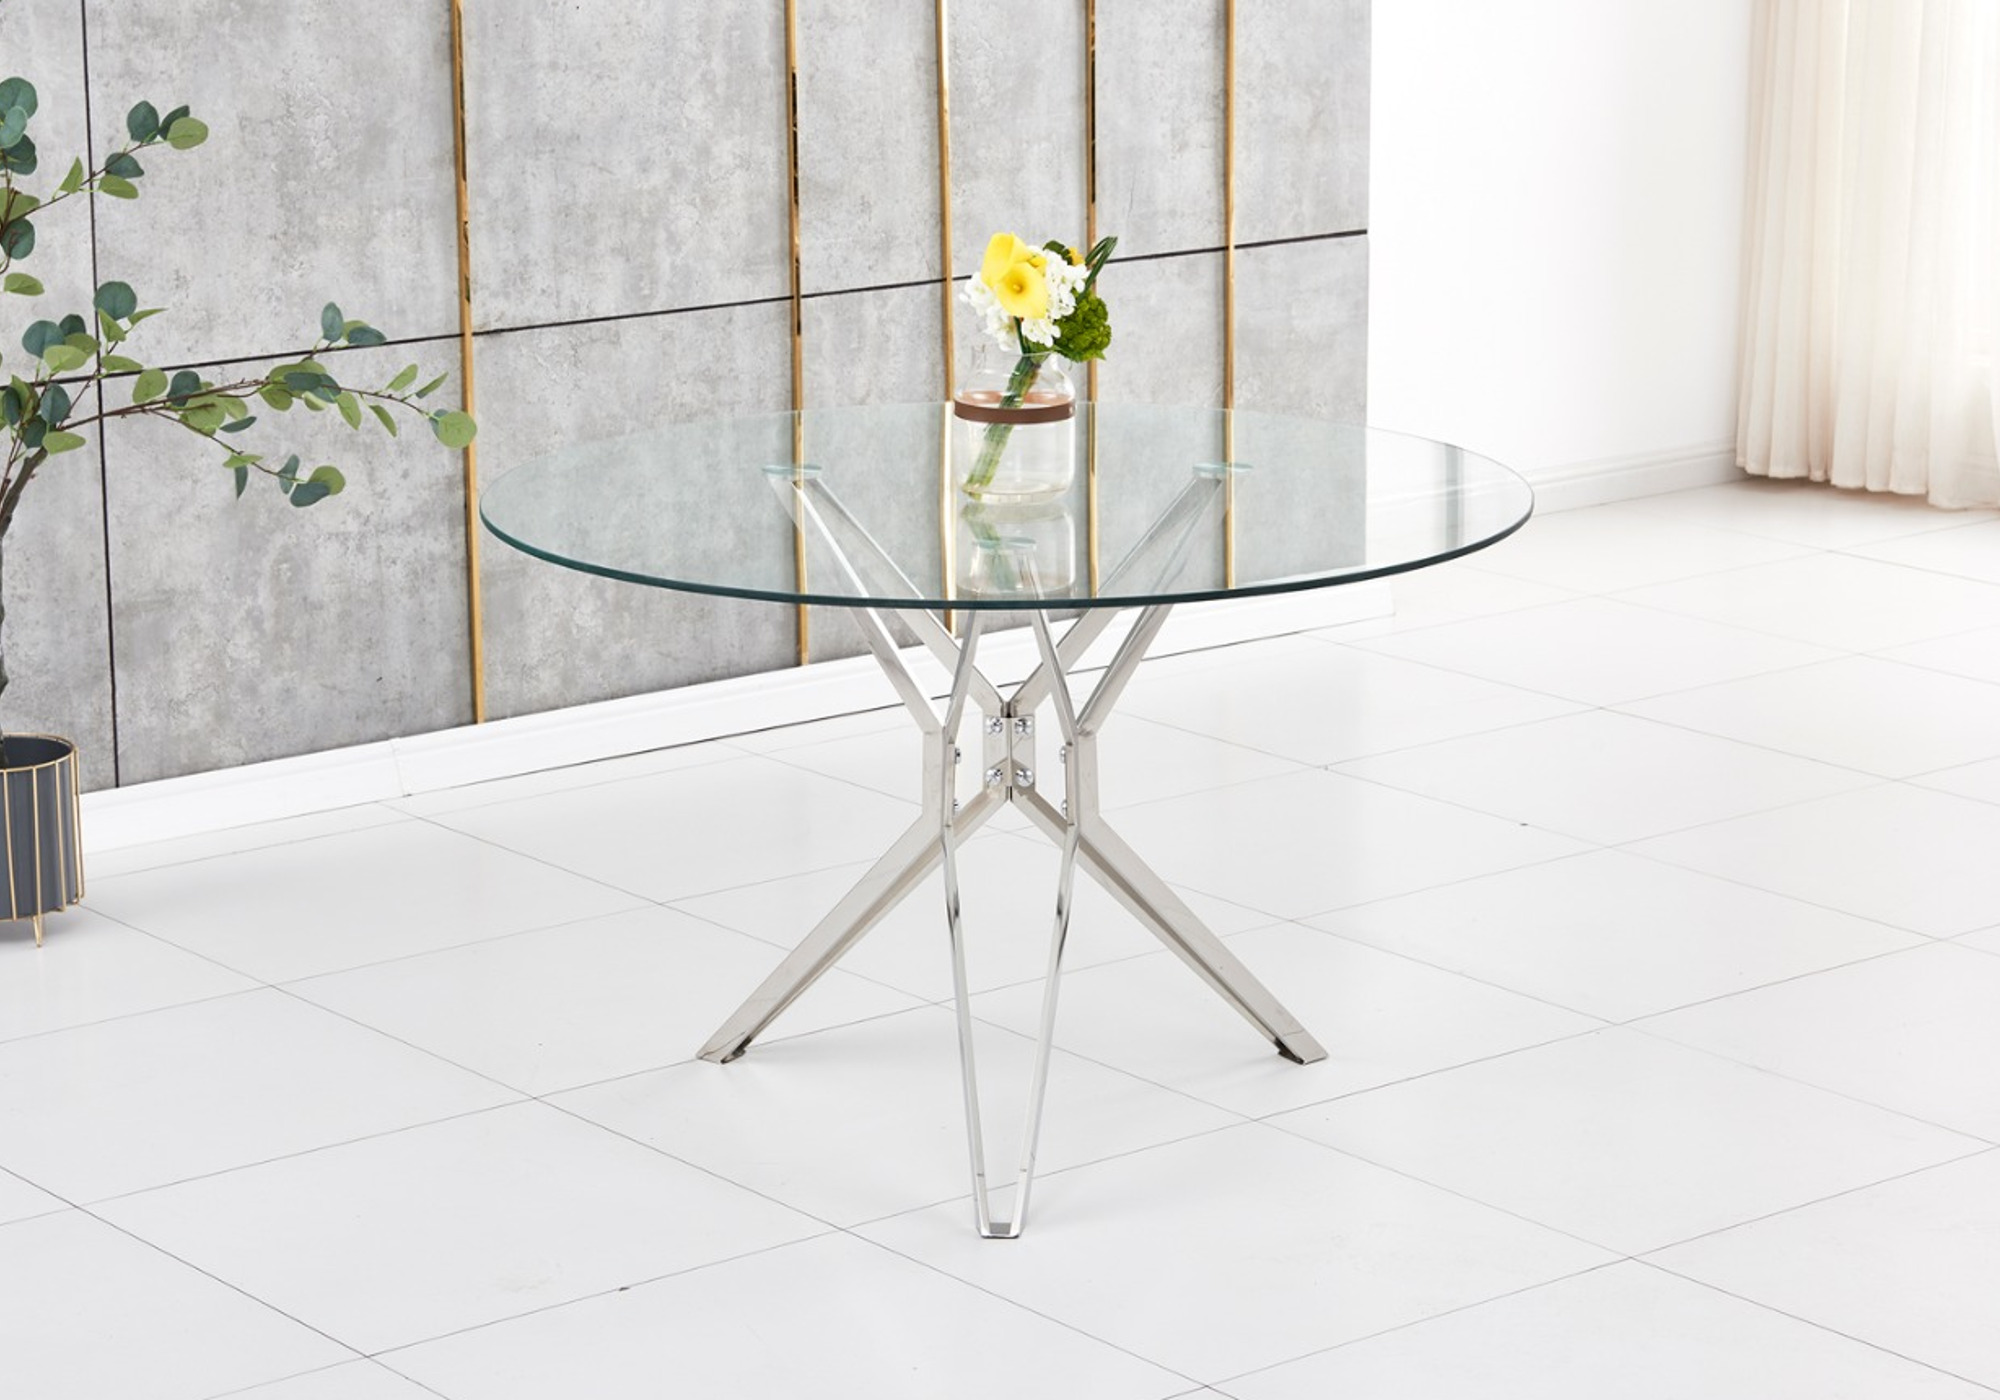 Table ronde chromé verre trempé IVA